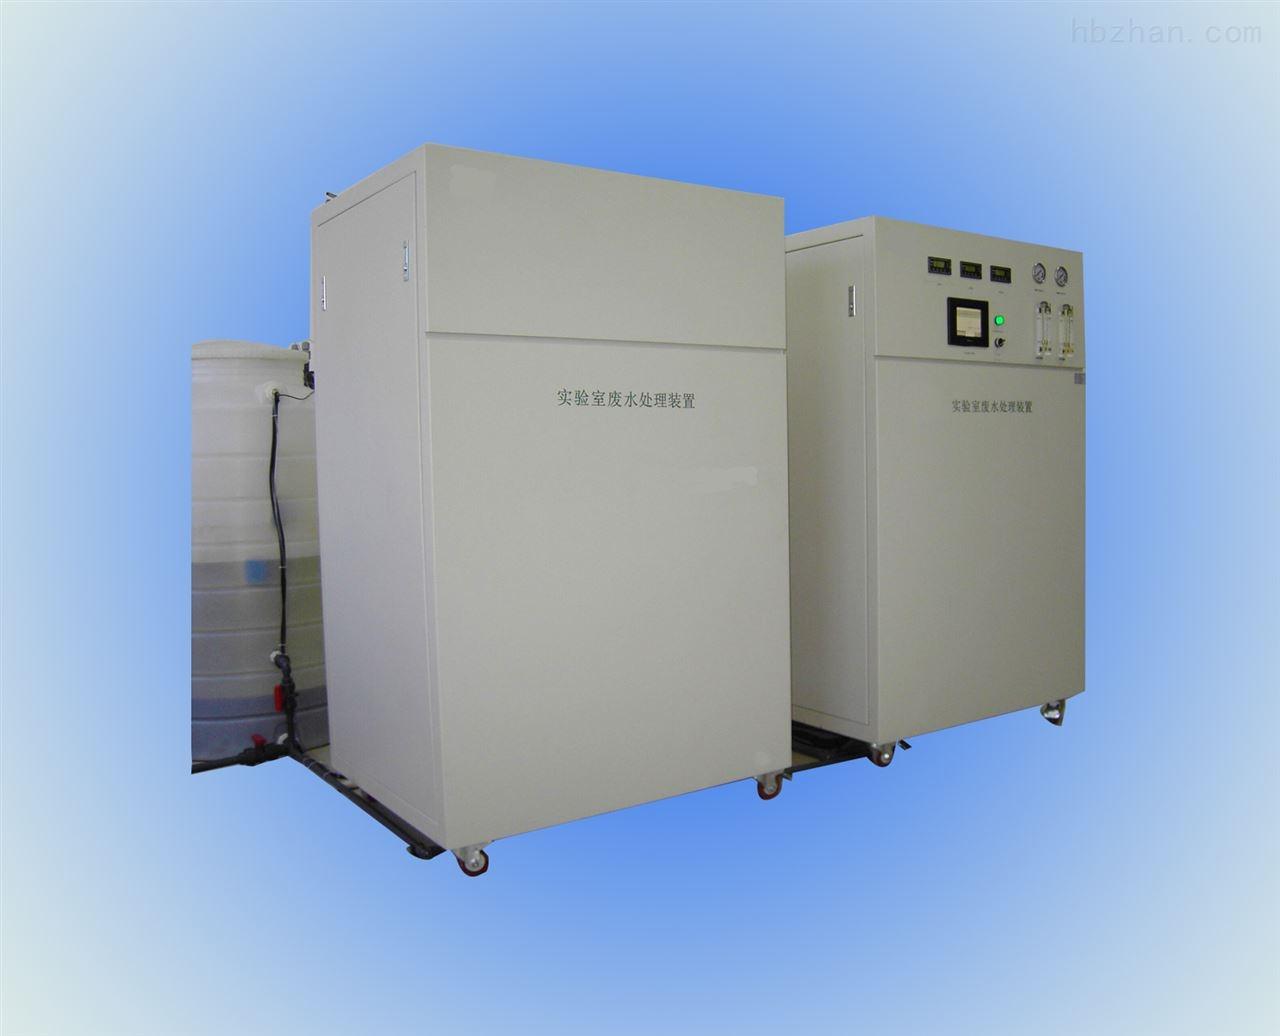 兴安盟实验室一体化污水处理设备如何保养